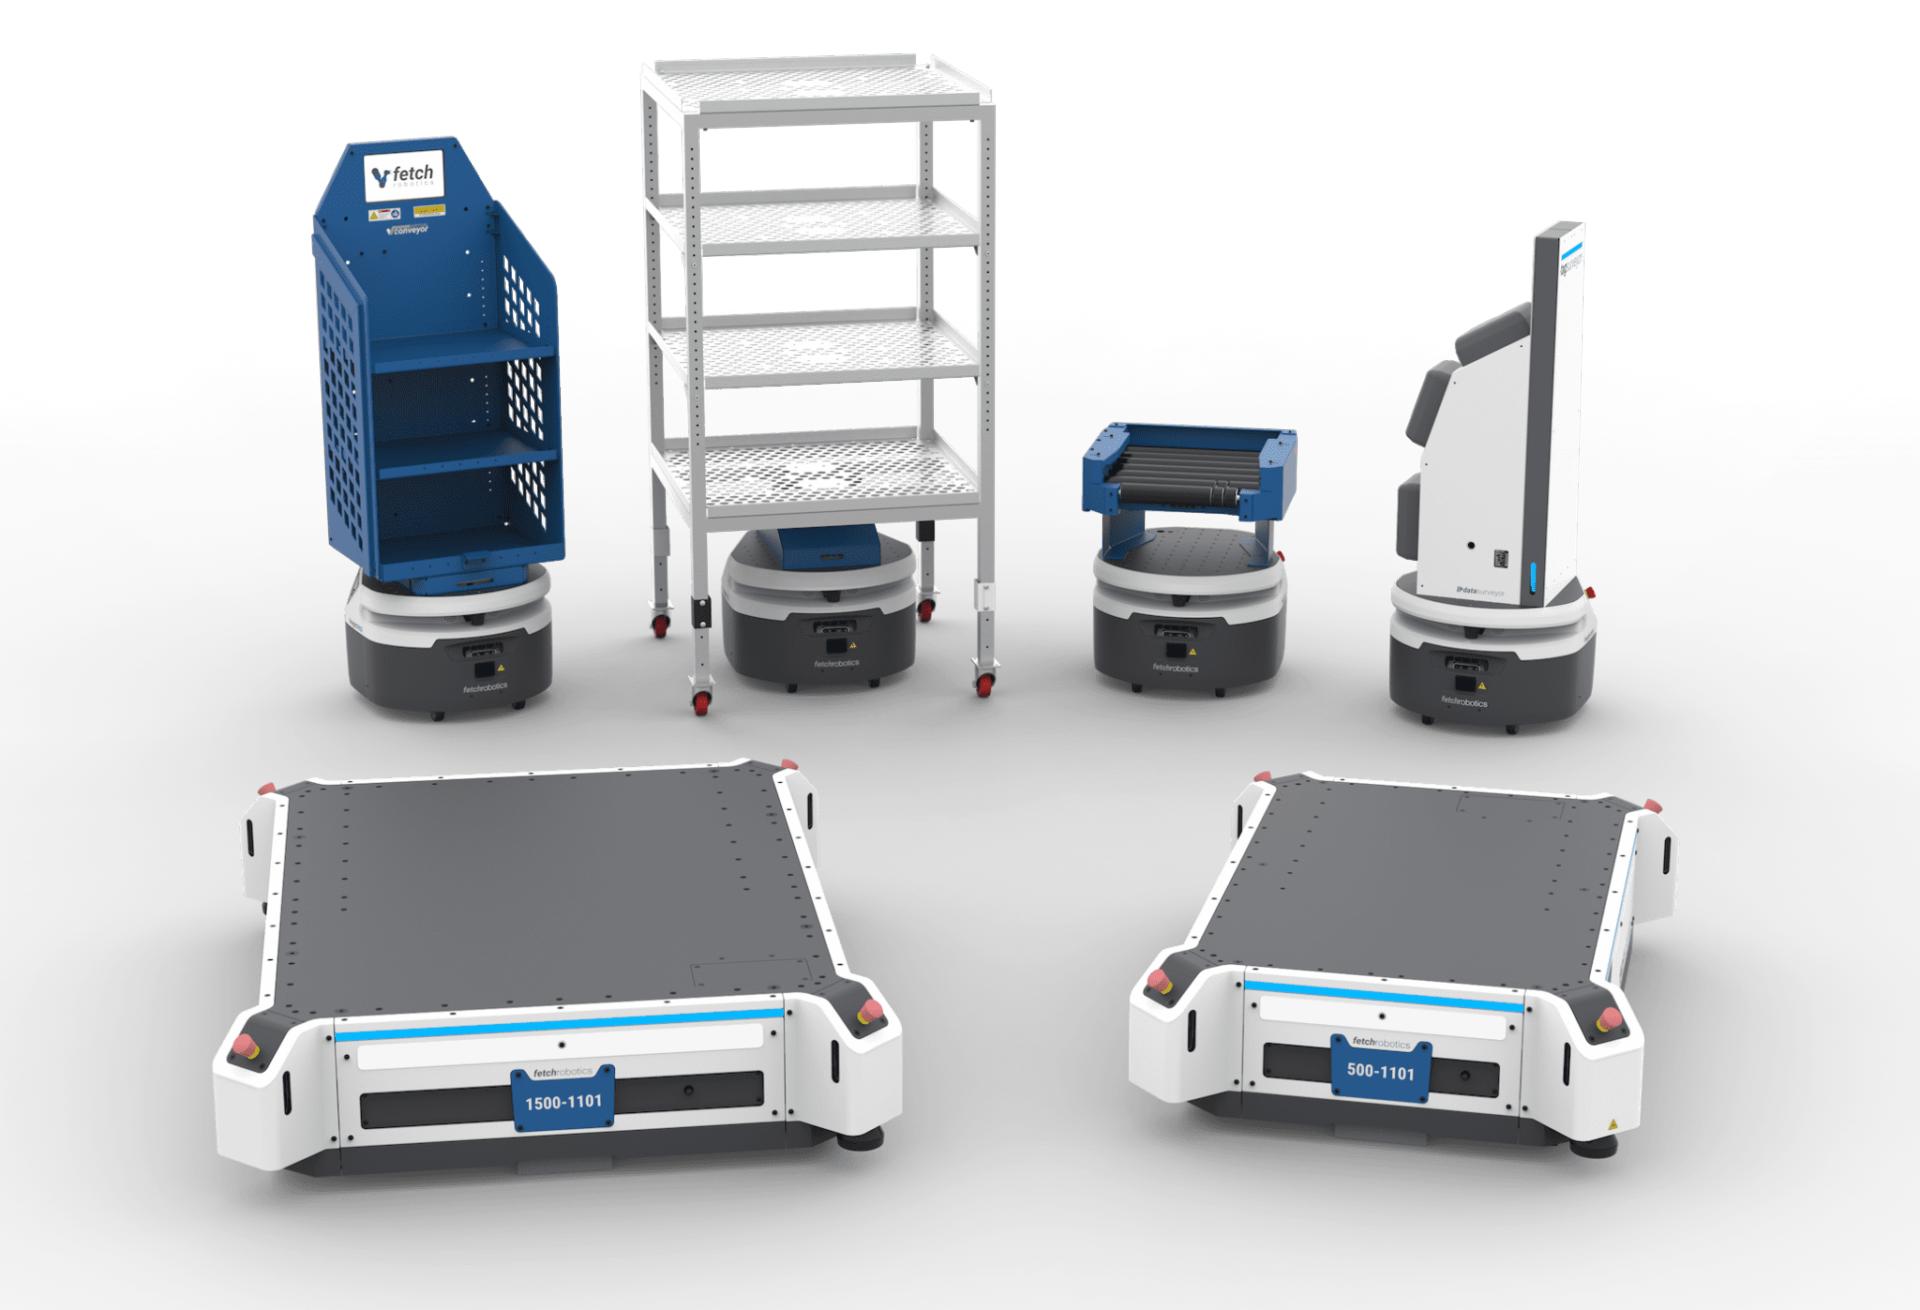 Autonome Mobile Roboter (AMR)